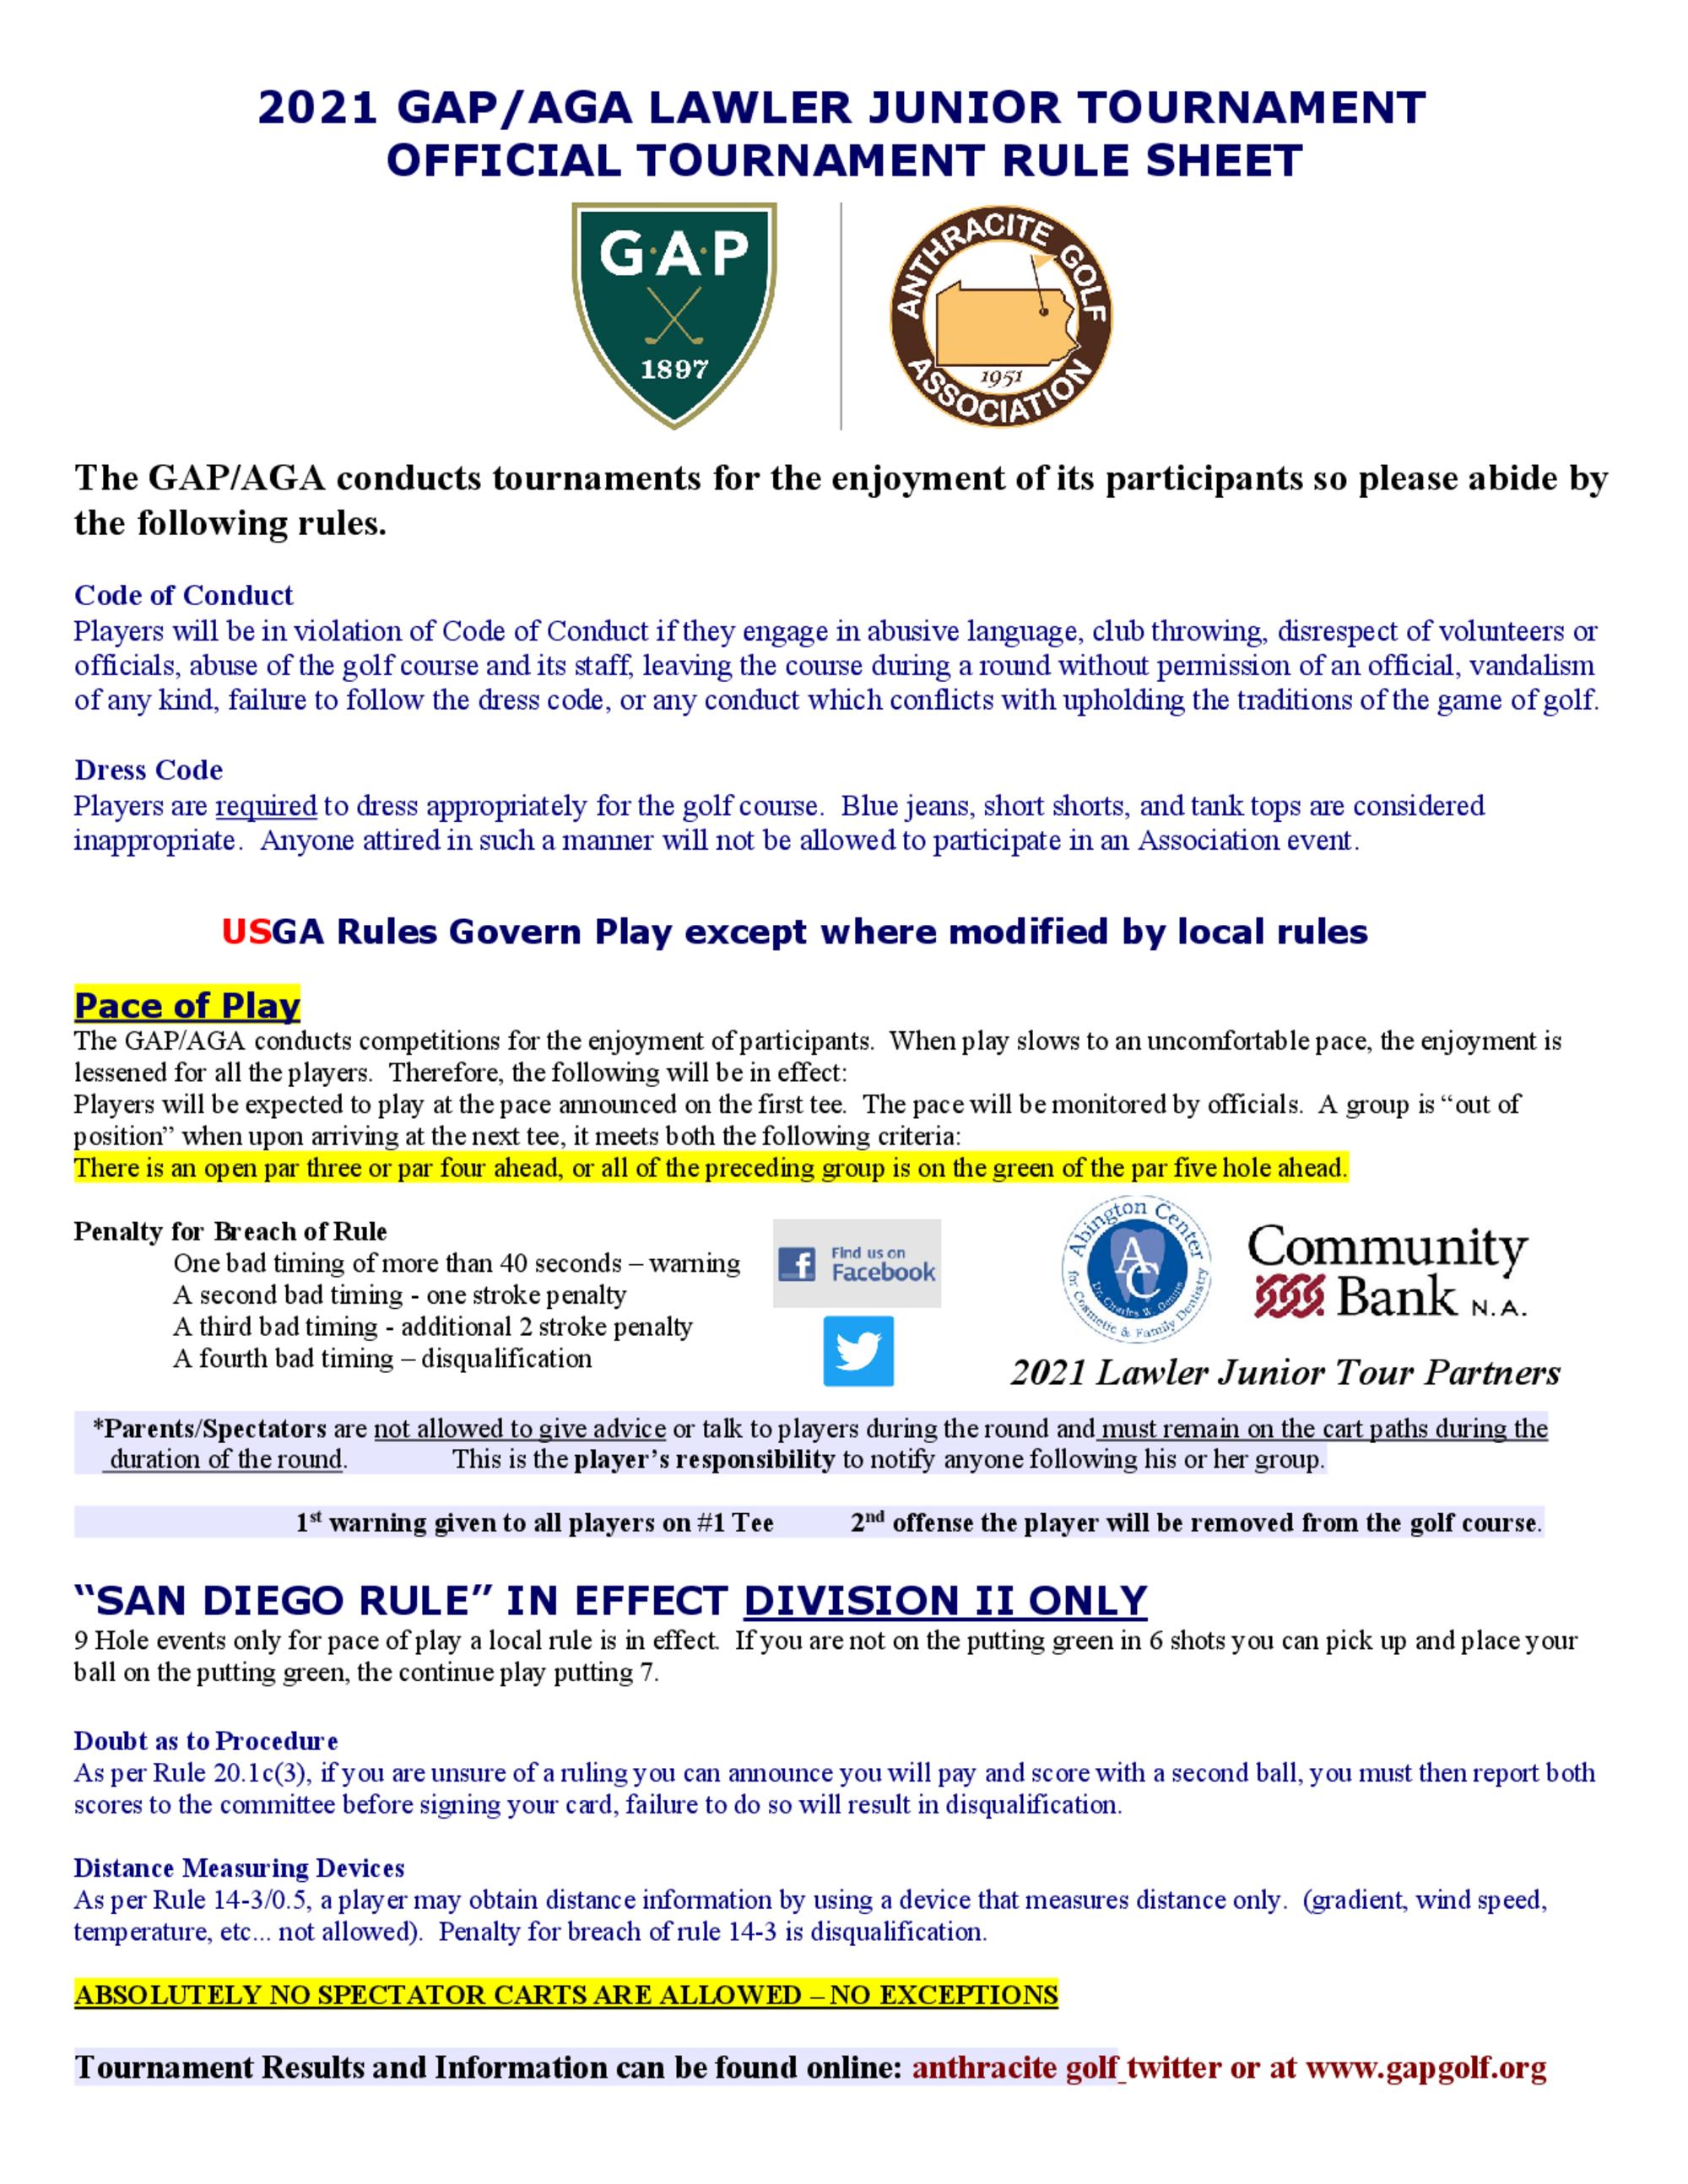 2021 lawler junior tour rules 1